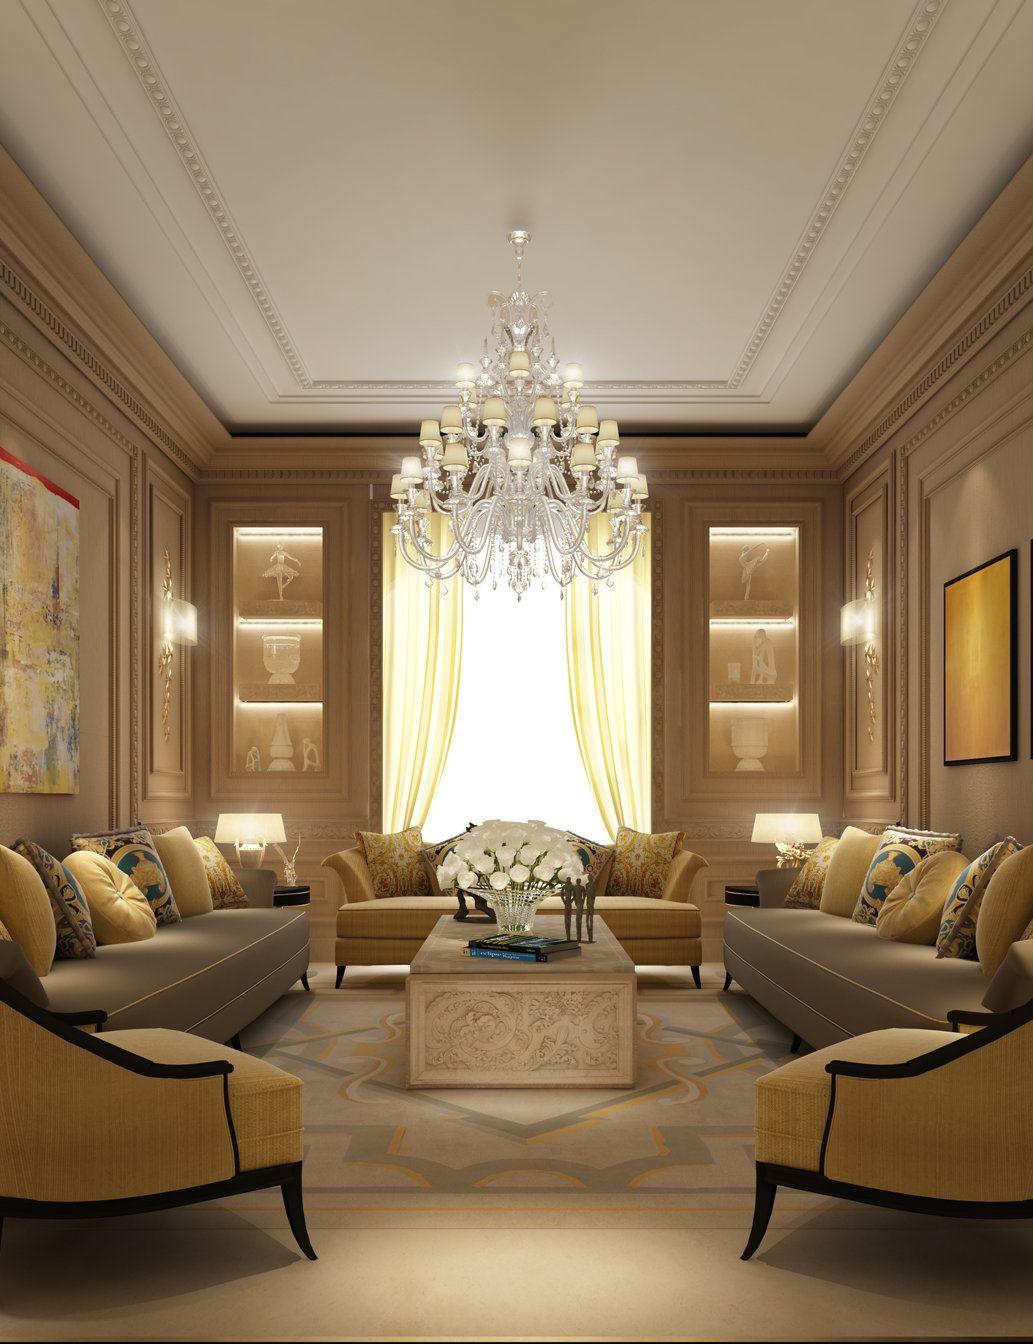 ions design interior design company dubai interior designer uae